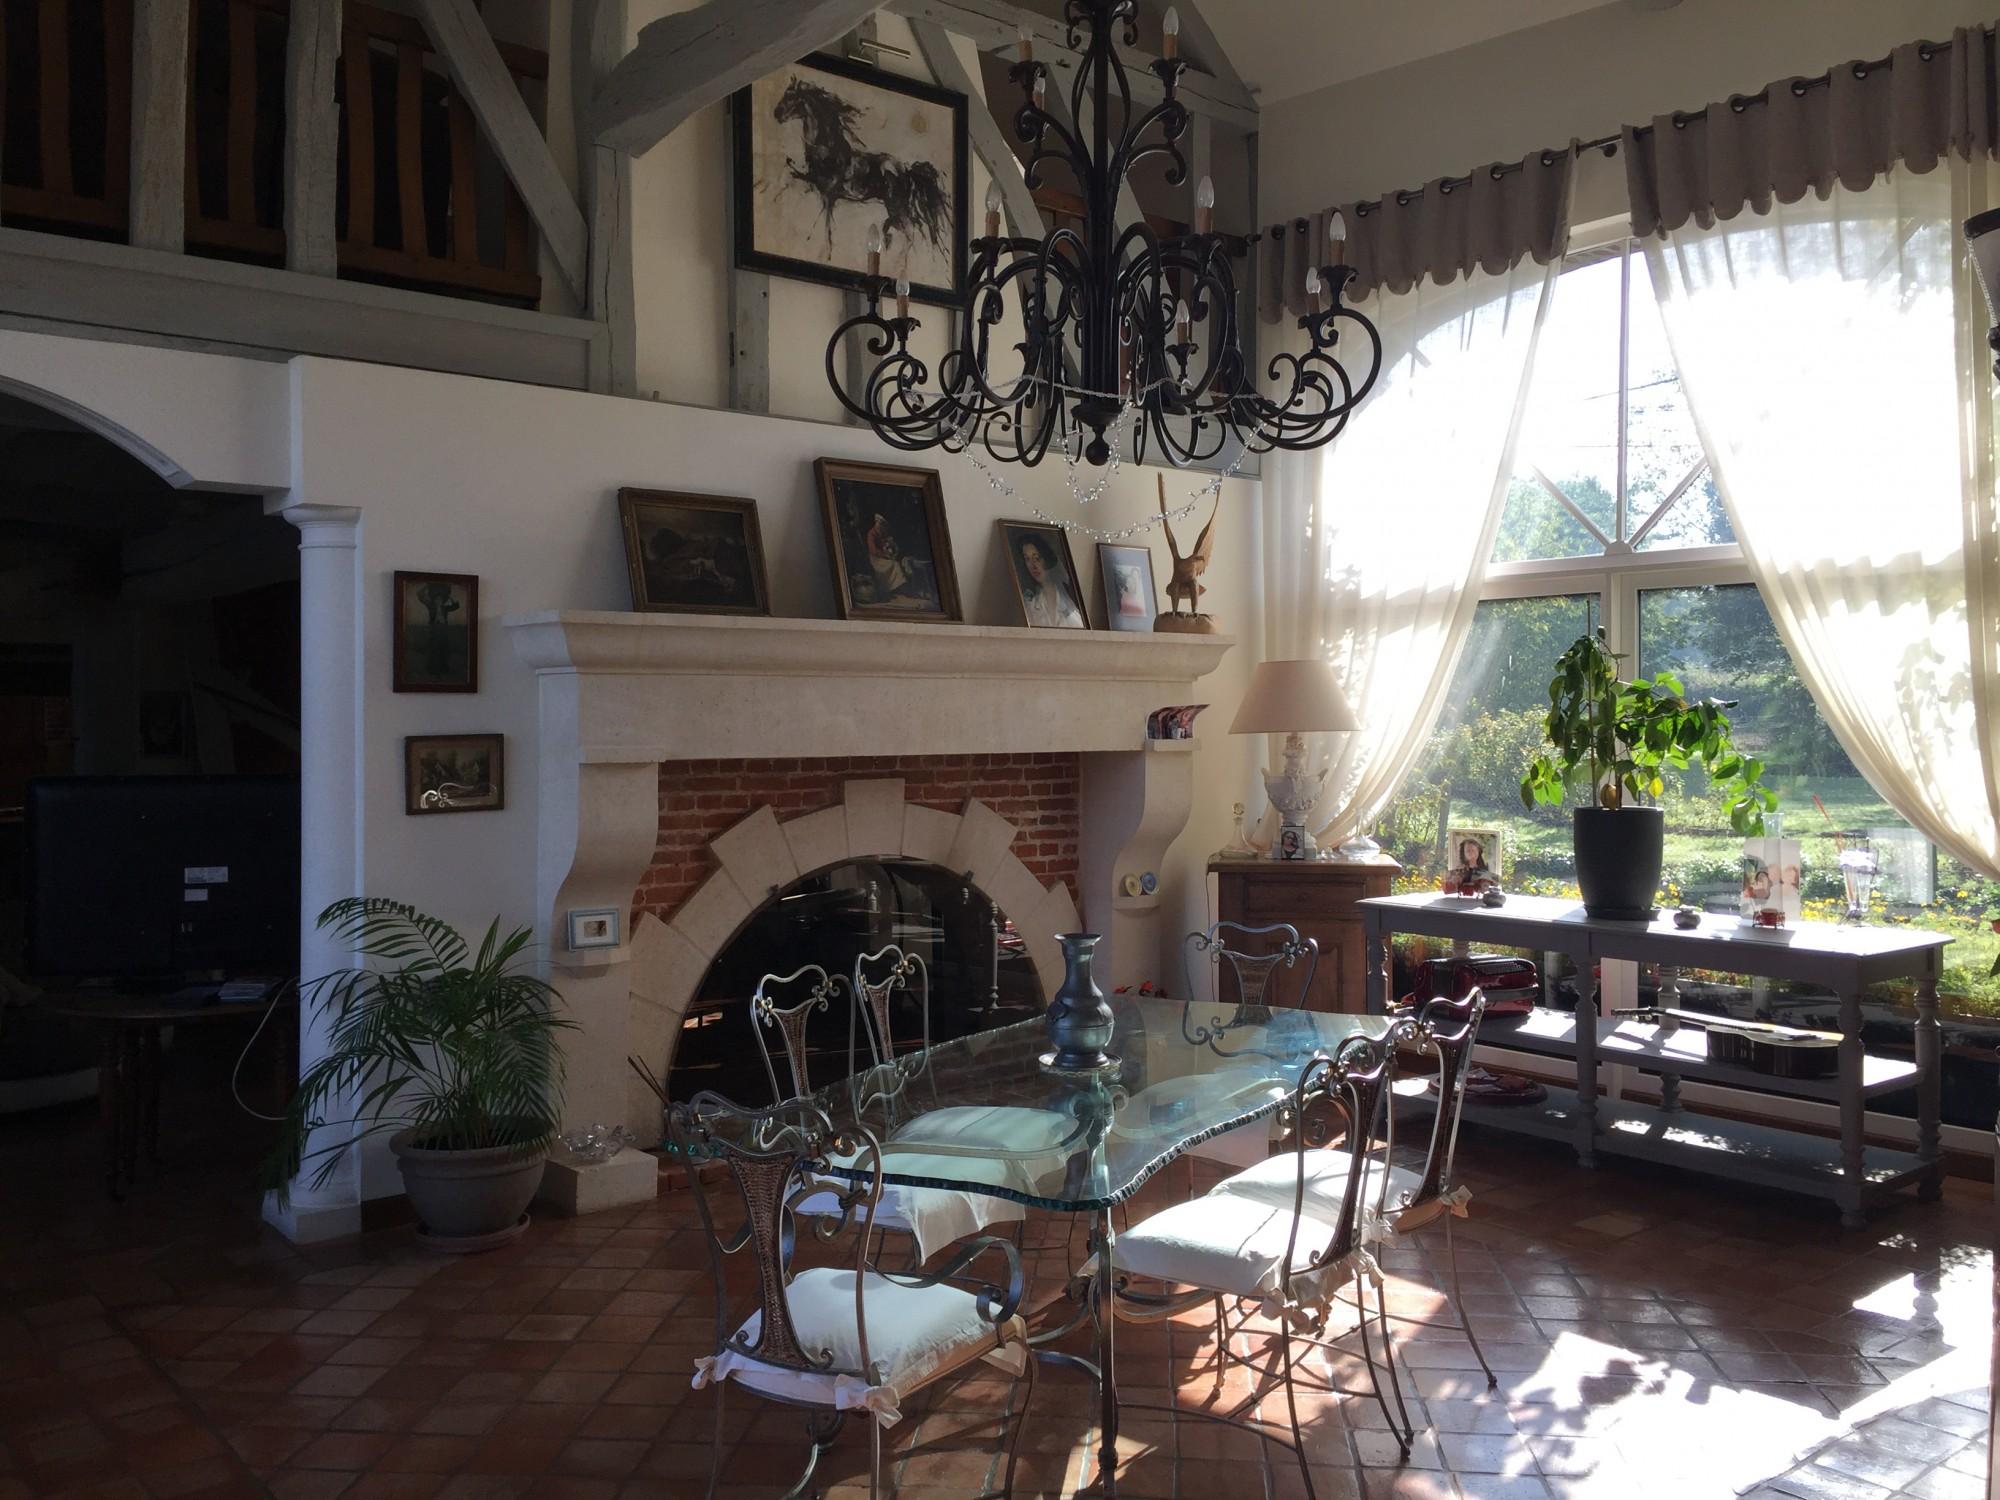 demeure d 39 exception r gion gerberoy oise 60 terres et demeures de normandie. Black Bedroom Furniture Sets. Home Design Ideas